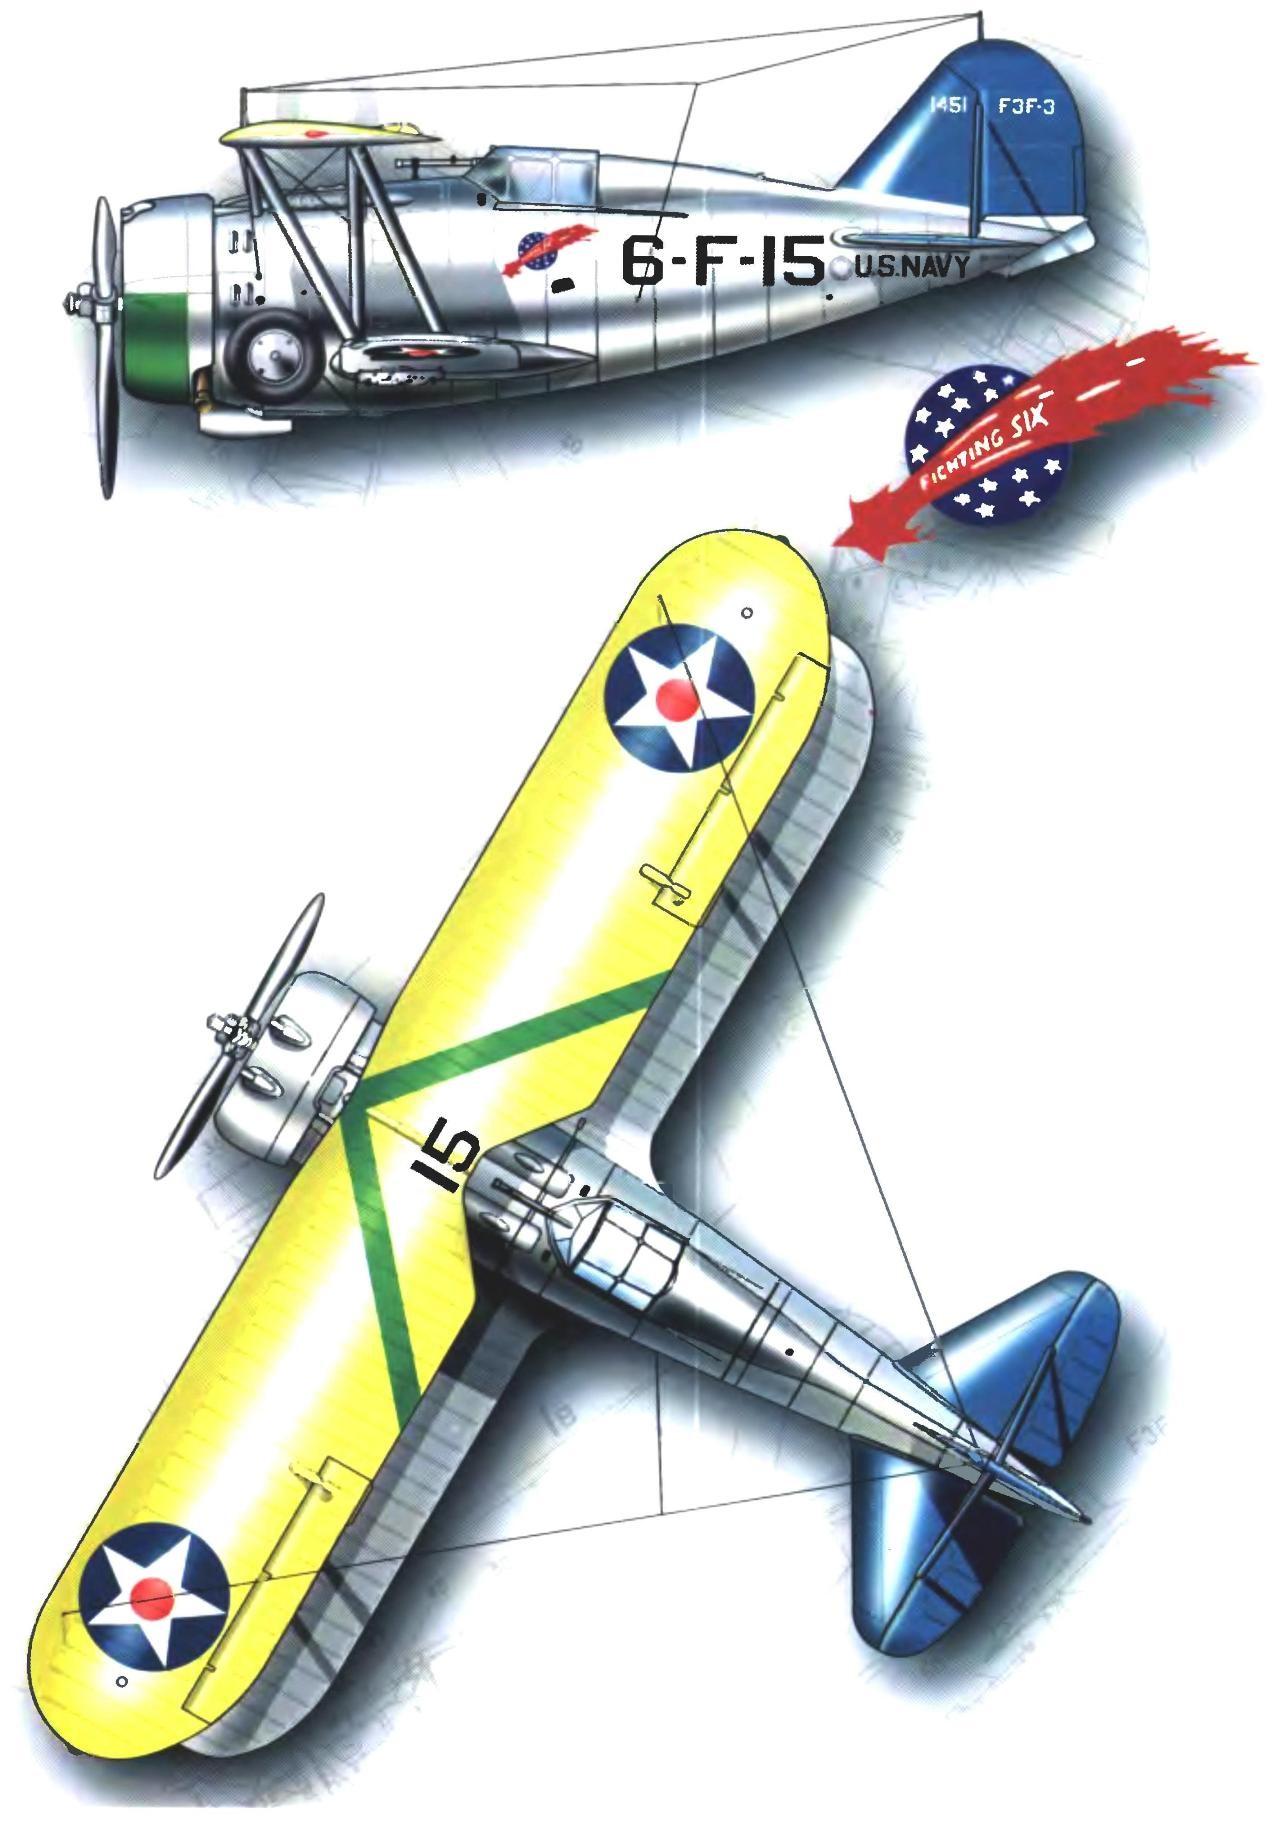 Истребитель F3F-3 из эскадрильи VF-6. Август 1940 года